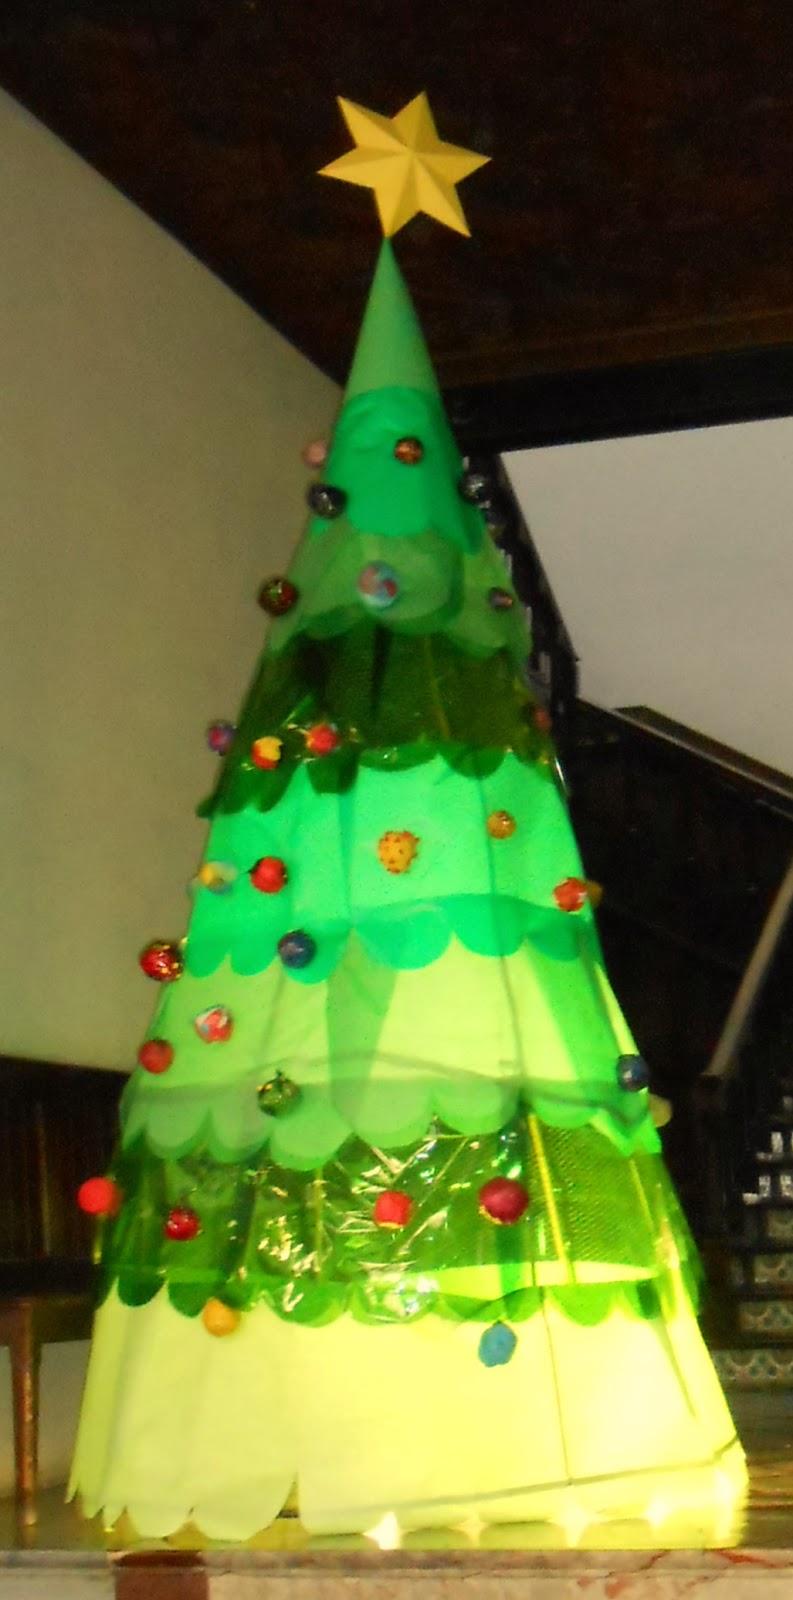 Re creo de colores rbol de navidad de papel - Arboles de navidad de papel ...